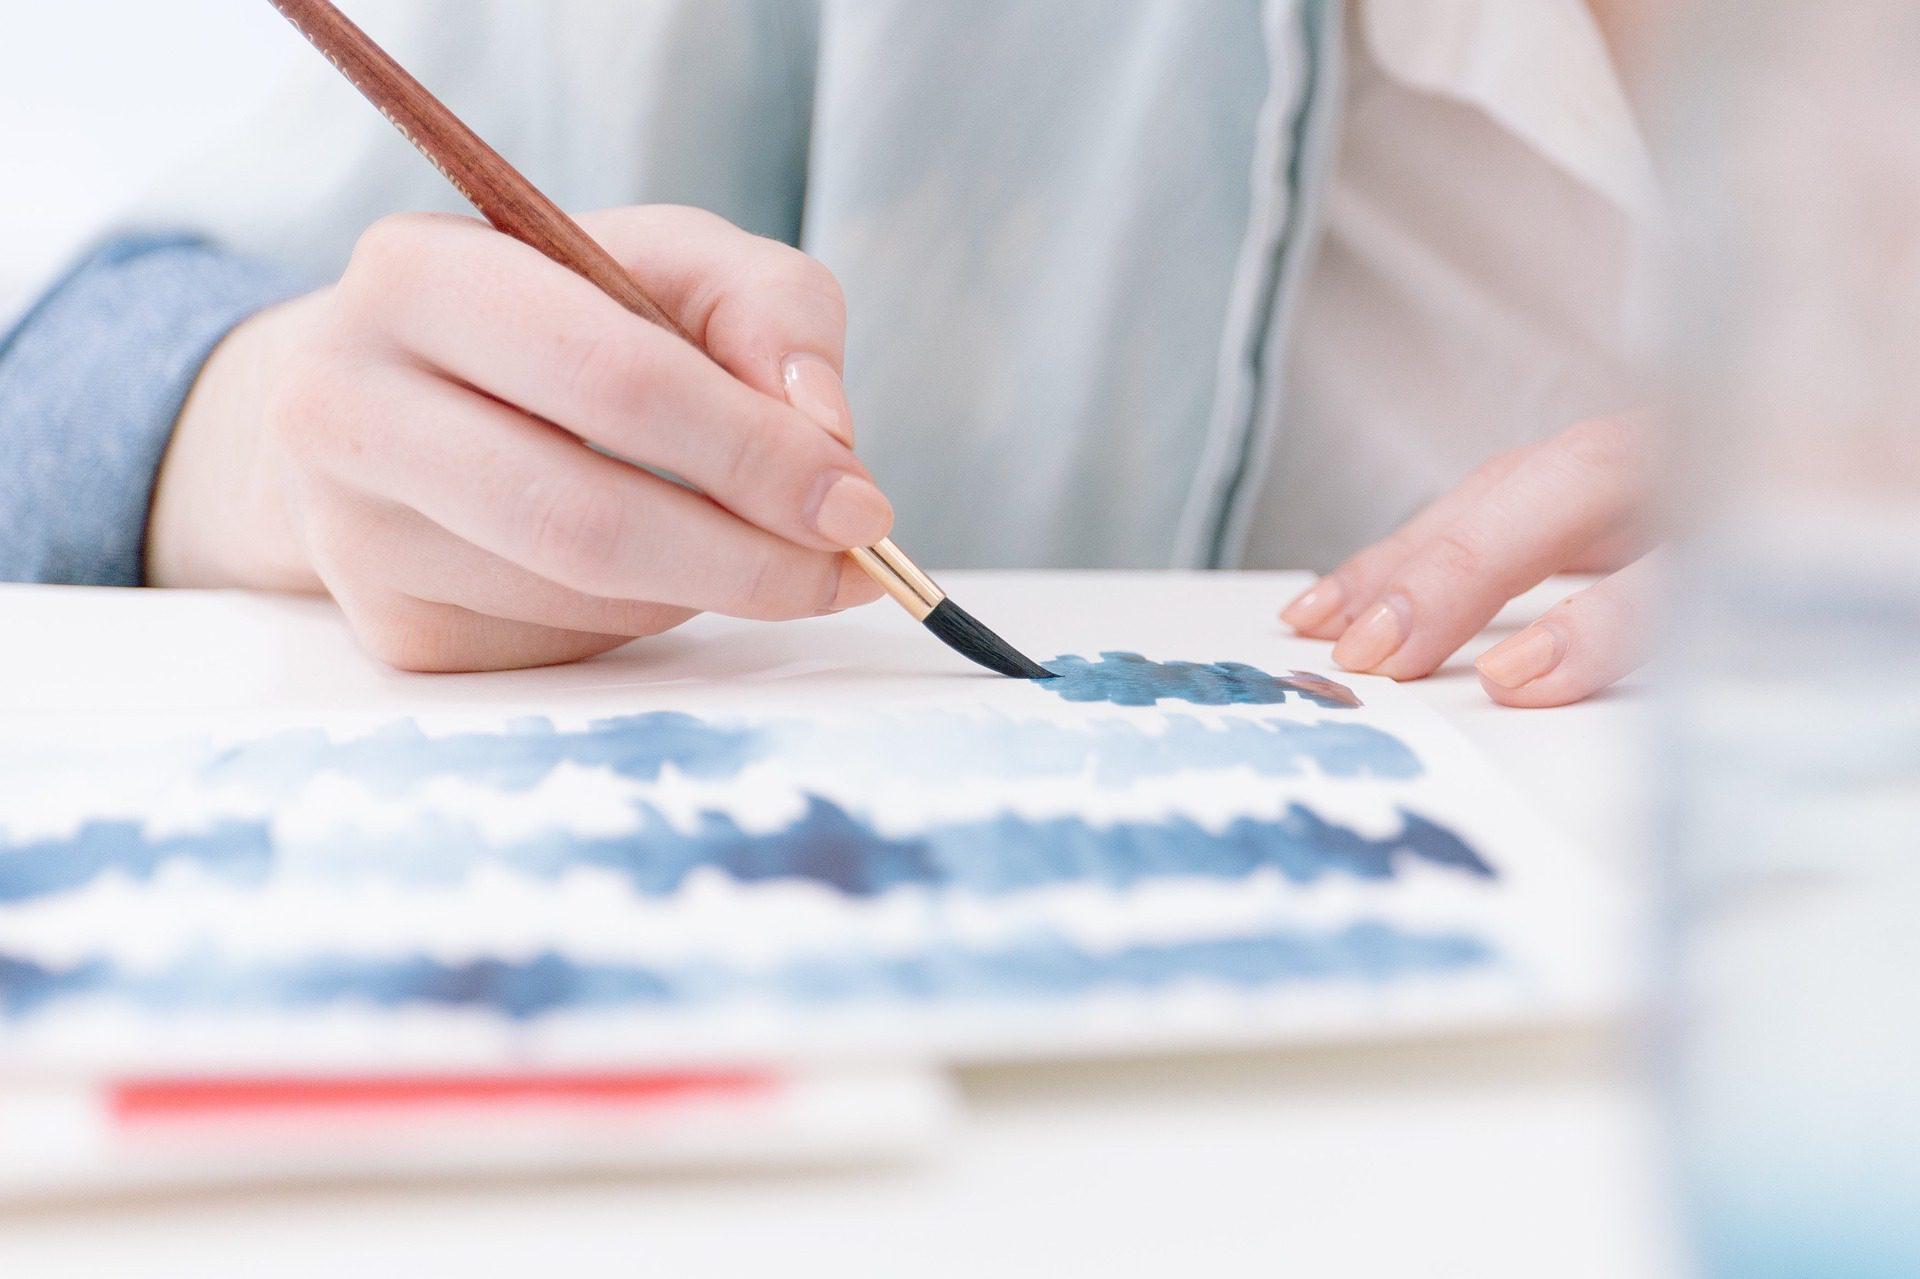 deGranero clase de dibujo y pintura de dos horas de duración